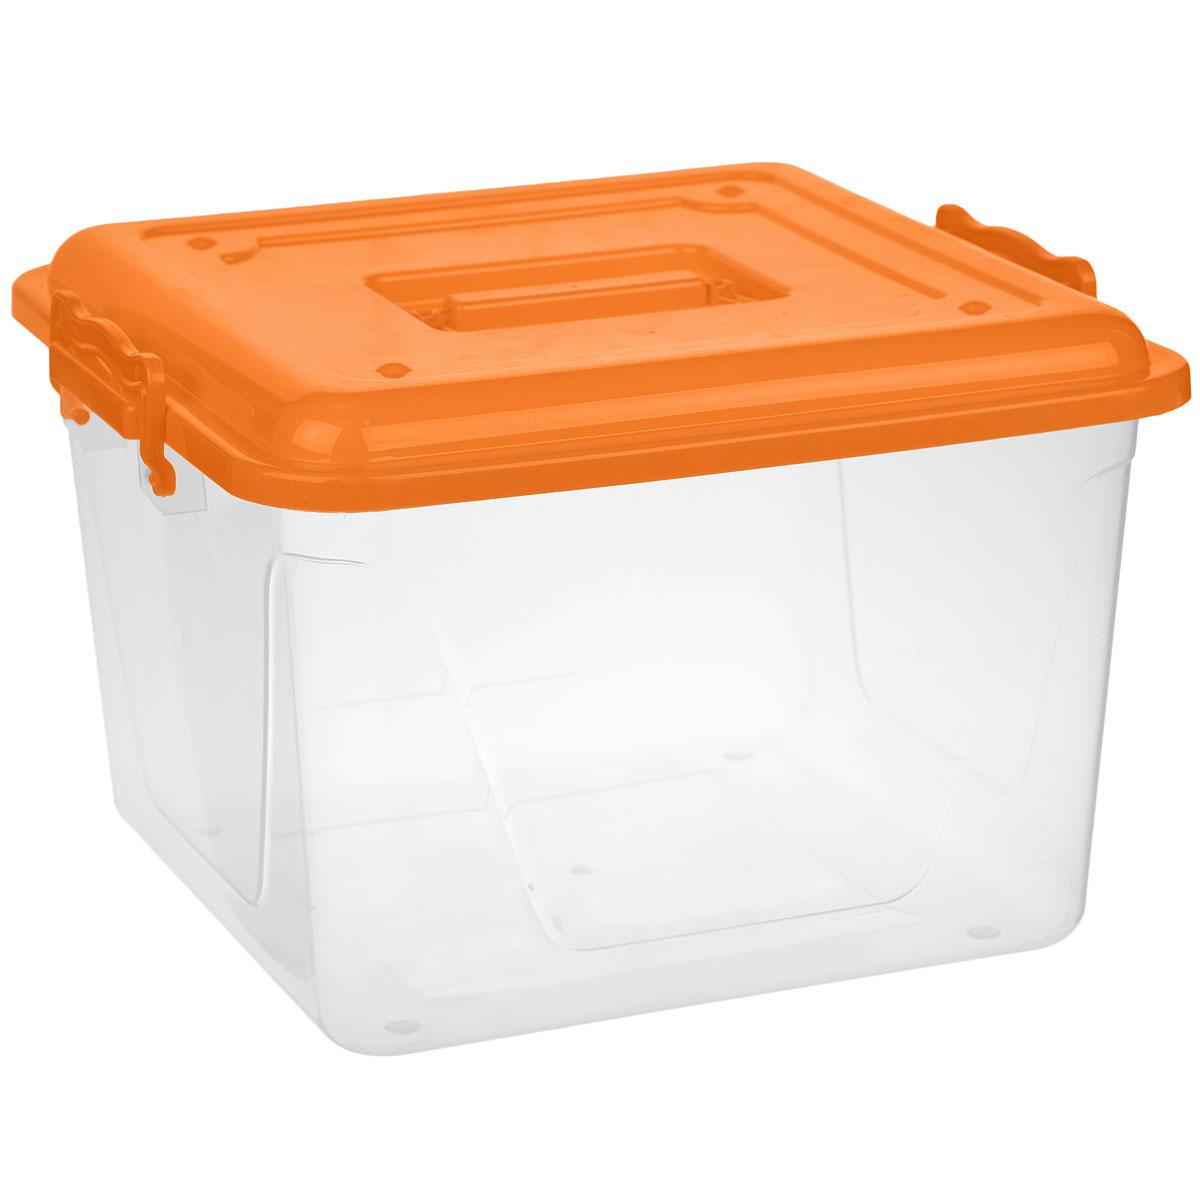 Контейнер Альтернатива, цвет: оранжевый, прозрачный, 15 лМ1023Контейнер Альтернатива выполнен из прочного цветного пластика ипредназначен для хранения различных бытовых вещей и продуктов.Контейнер оснащен по бокам ручками, которые плотно закрывают крышку контейнера. Также на крышке имеется ручка для удобной переноски. Контейнер поможет хранить все в одном месте и защитить вещи от пыли, грязи и влаги.